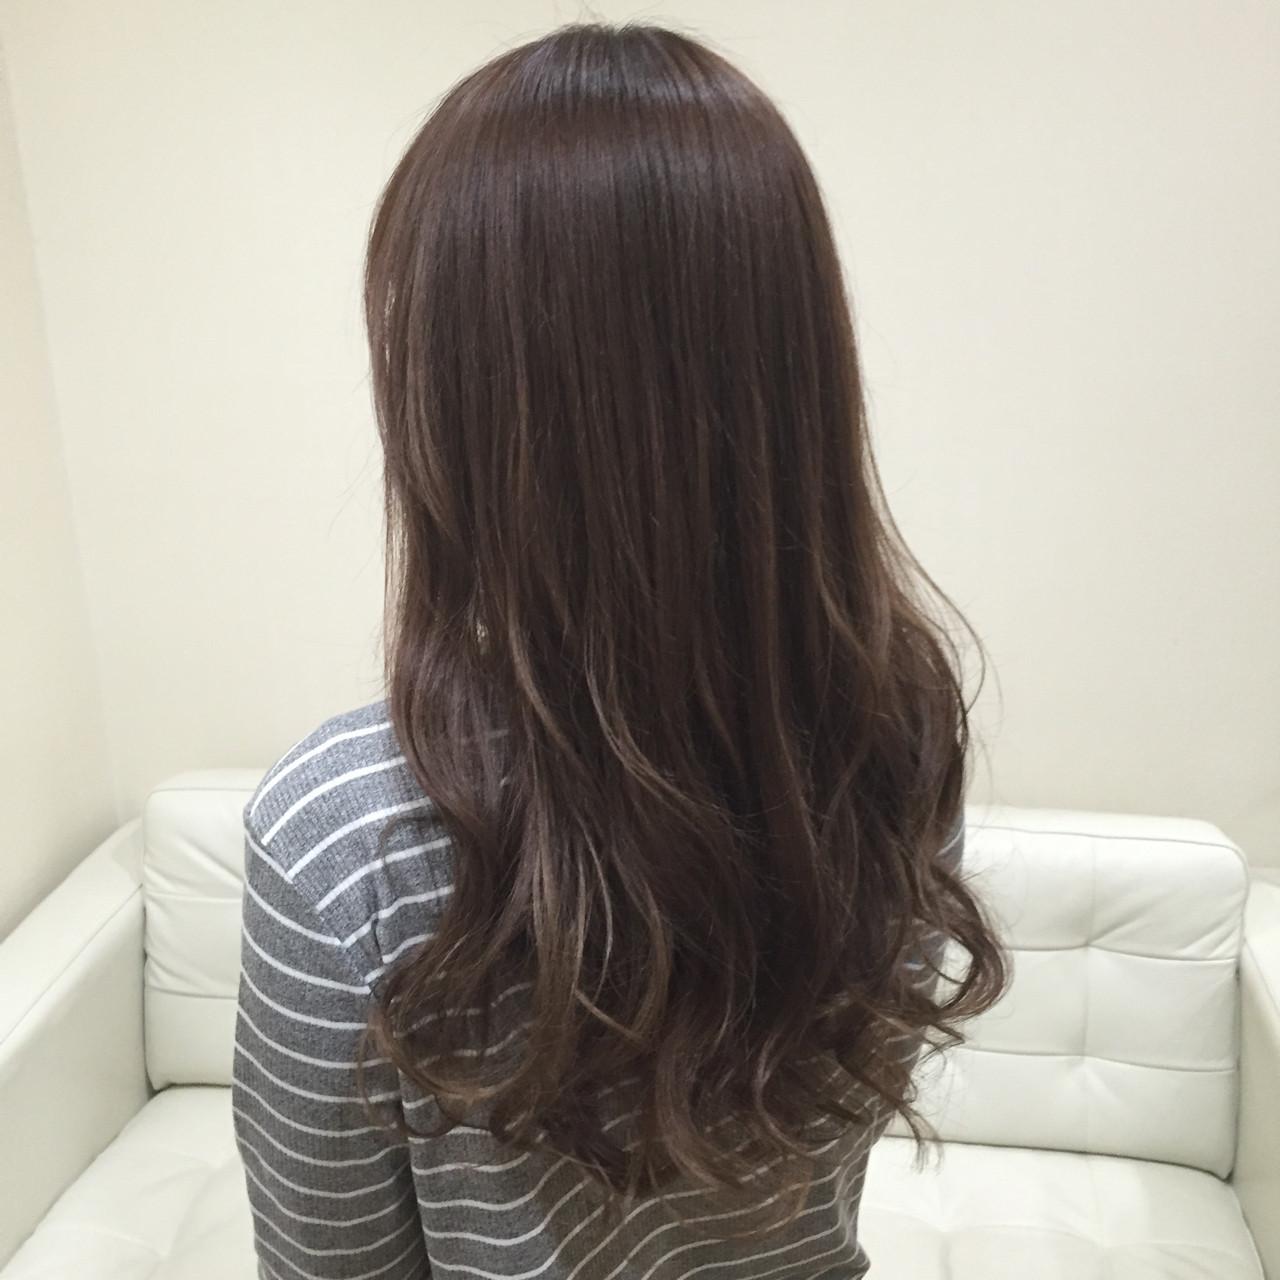 外国人風 ロング フェミニン 愛され ヘアスタイルや髪型の写真・画像 | seikan / vifkrone hair&beauty